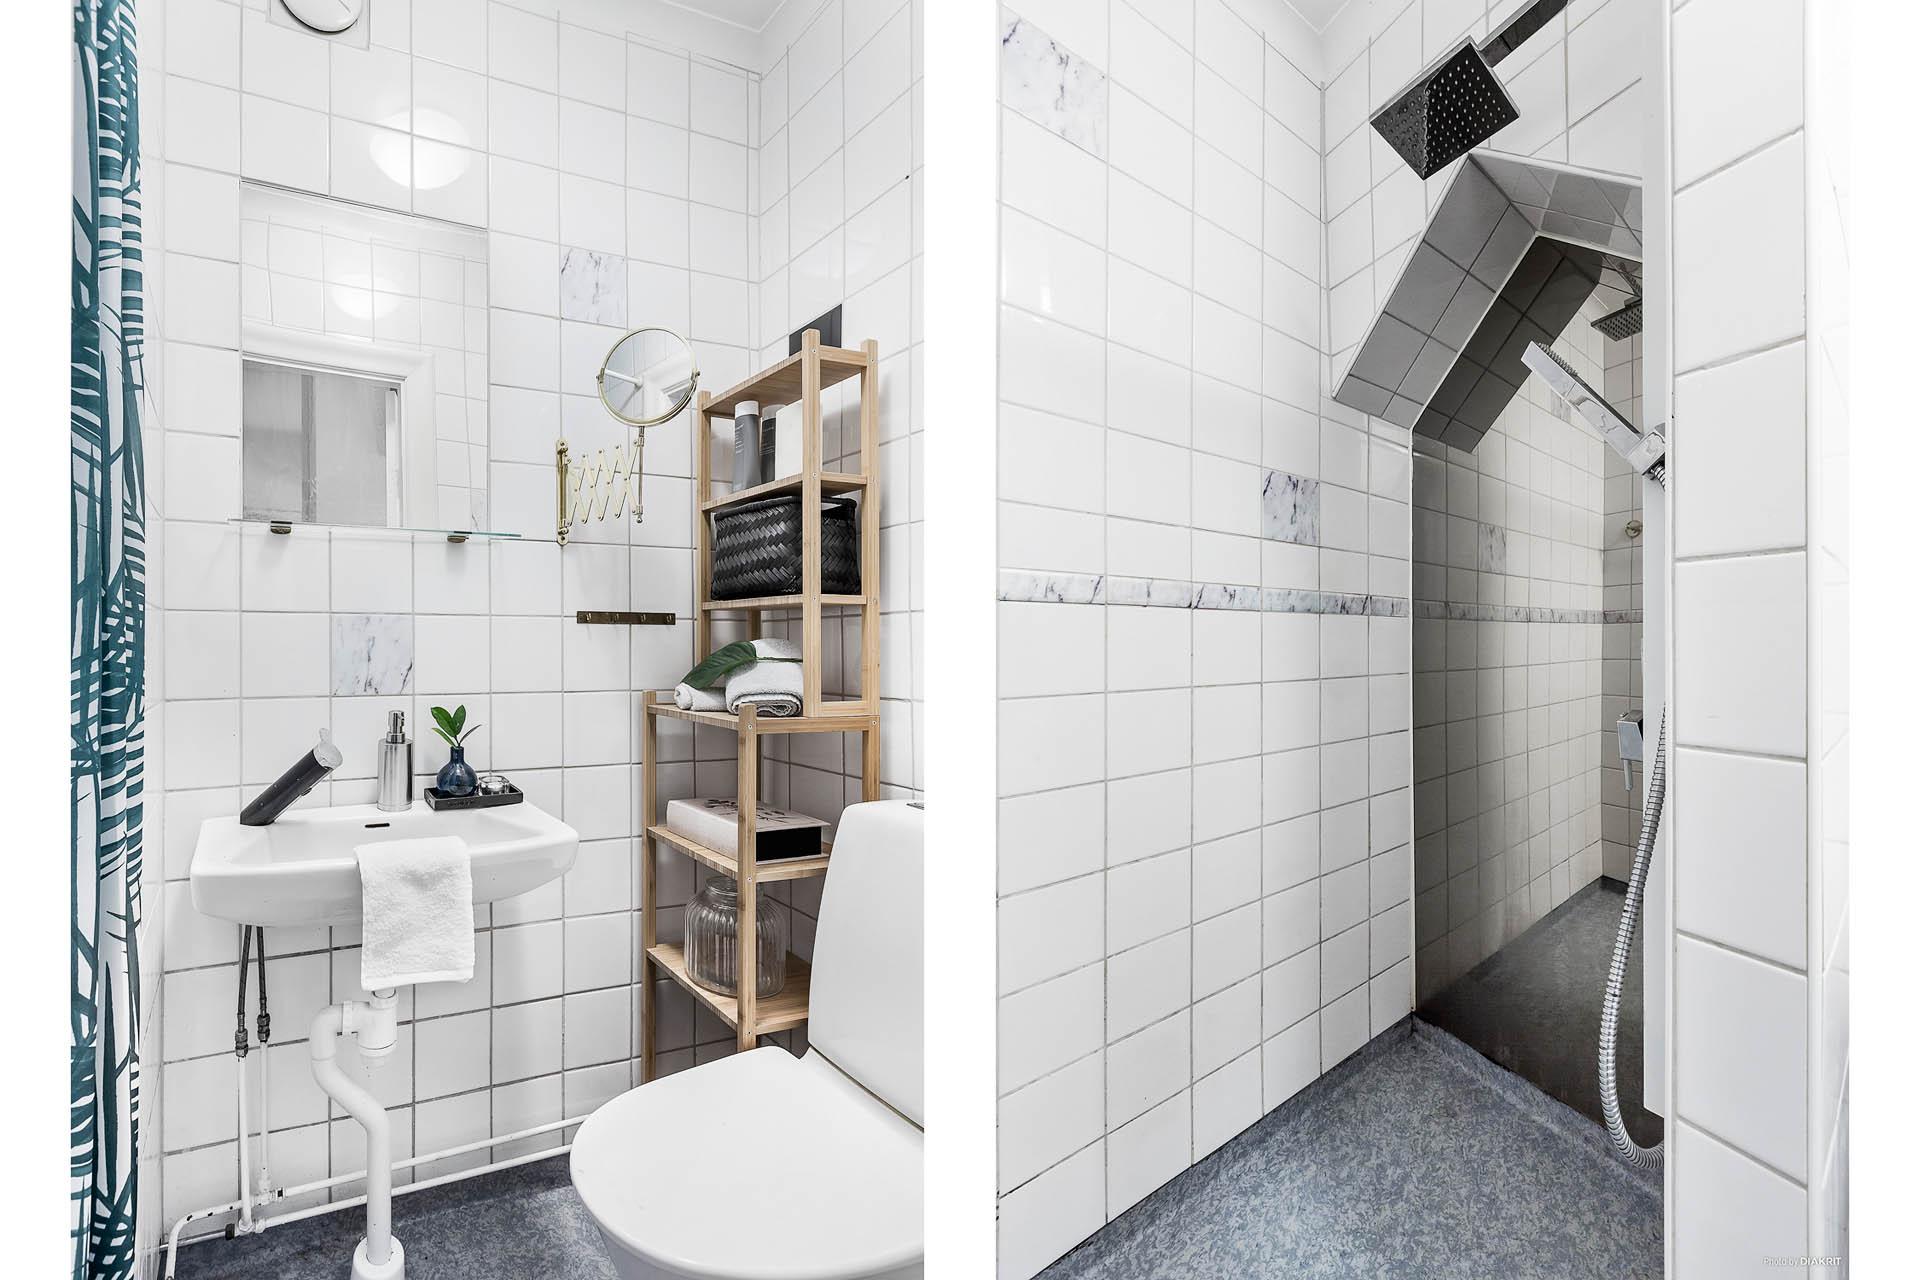 Duschrum/wc